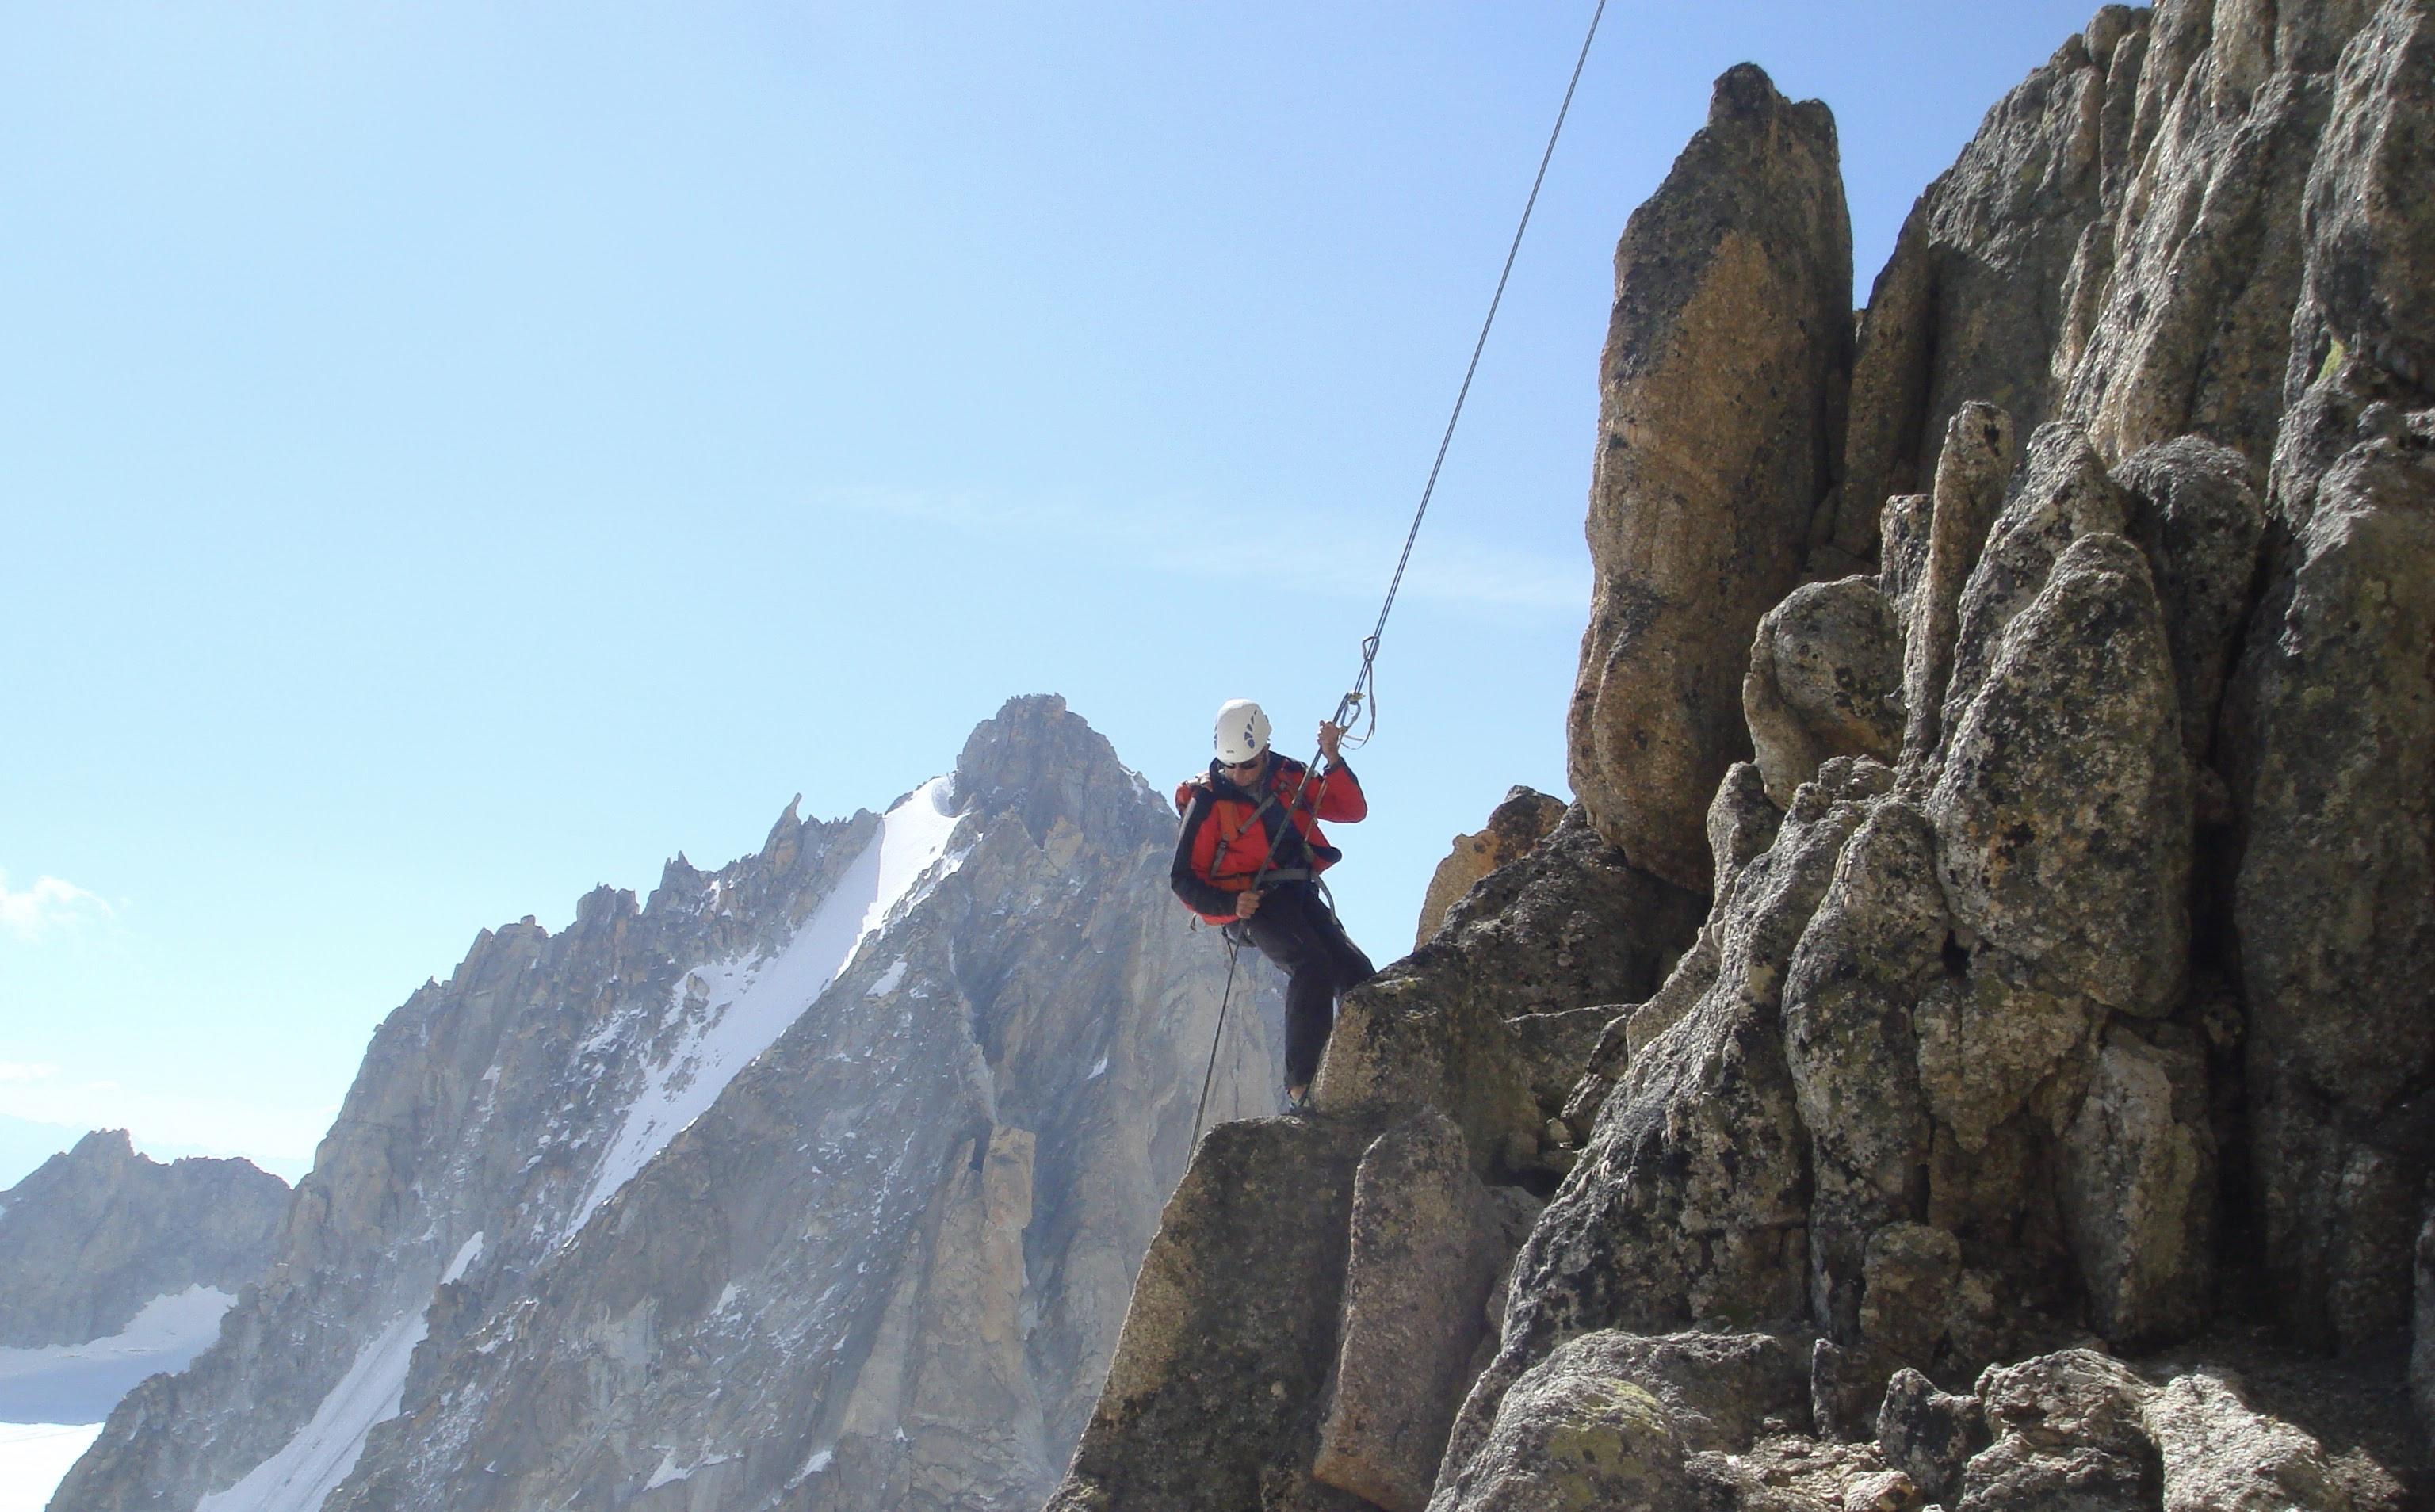 Rock Climbing | Chamonix Mountain Guide